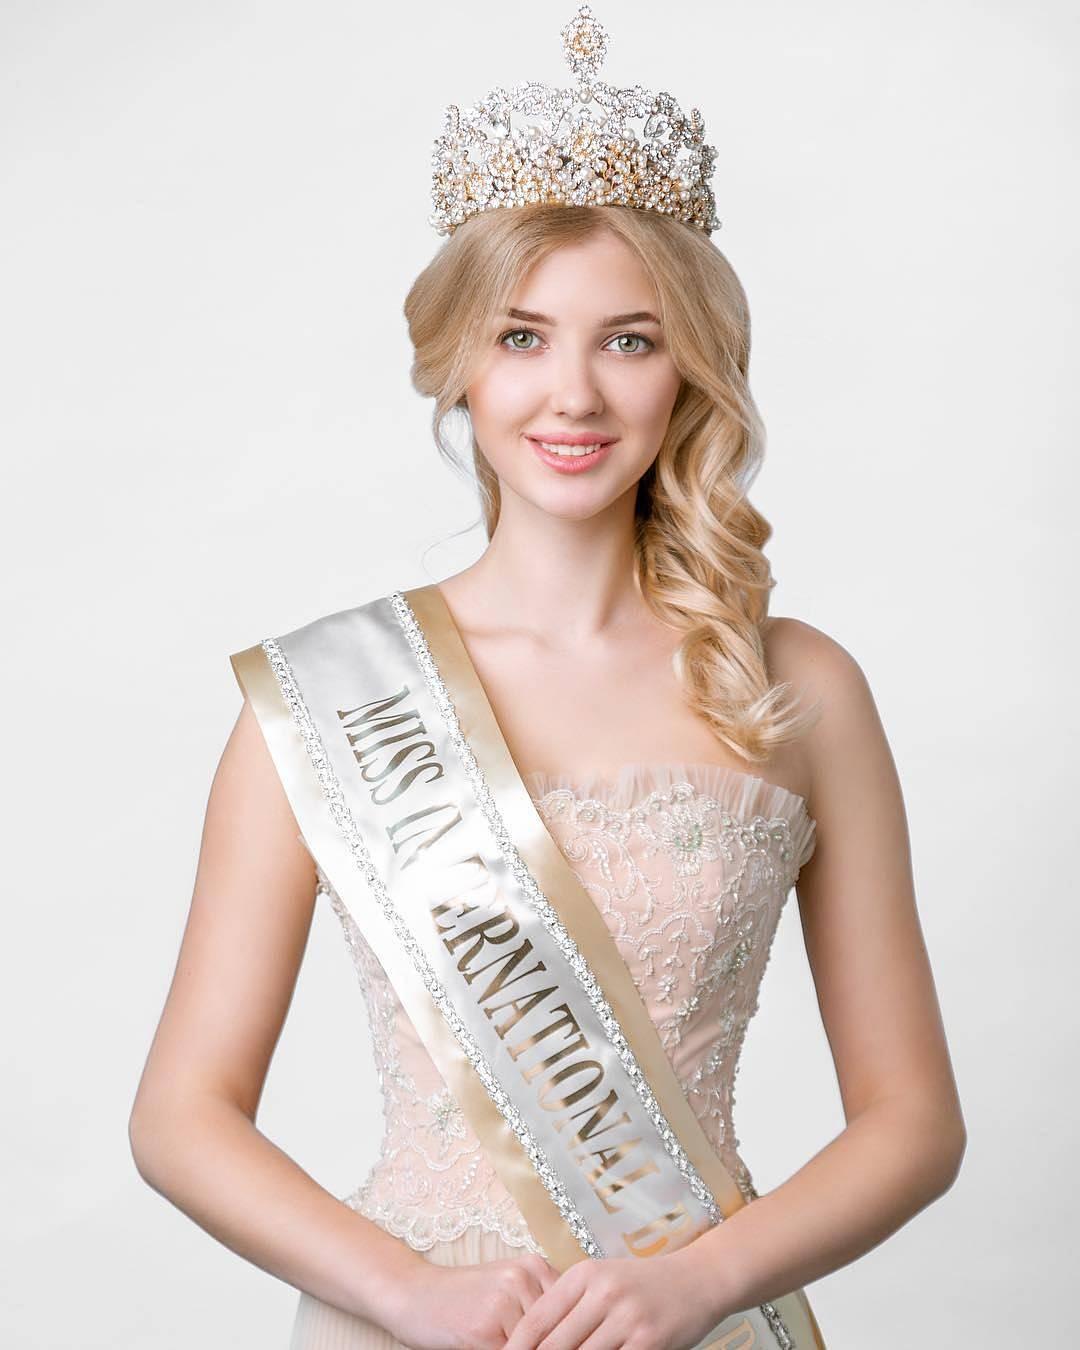 Мария Первий вошла в топ-15 на конкурсе Miss International в Токио.